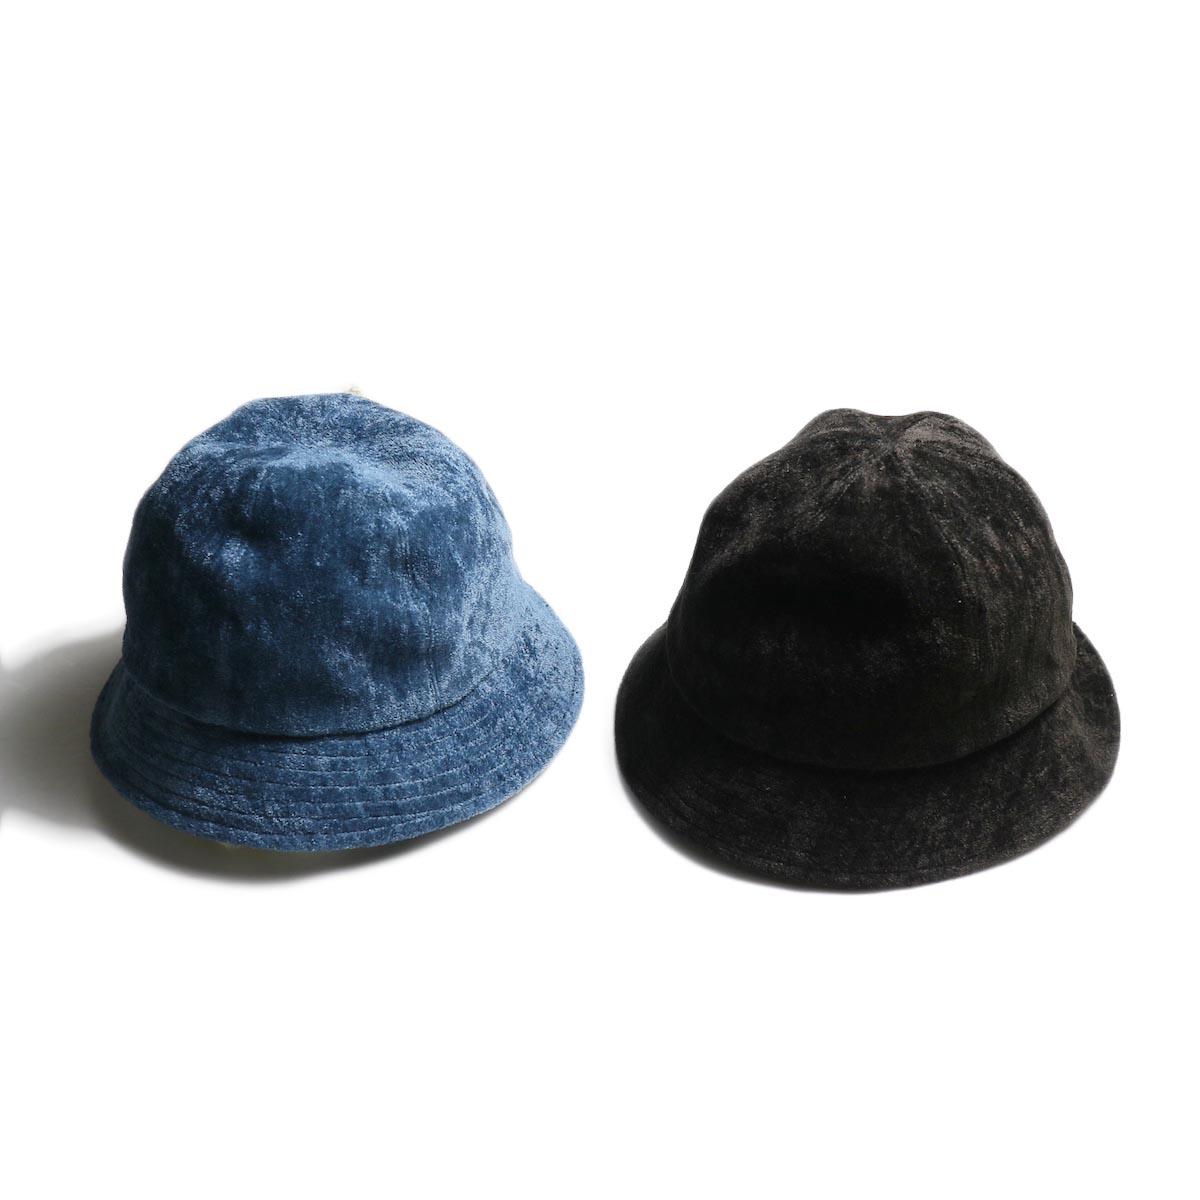 KIJIMA TAKAYUKI / Linen Pile Hat (No.201215)全体